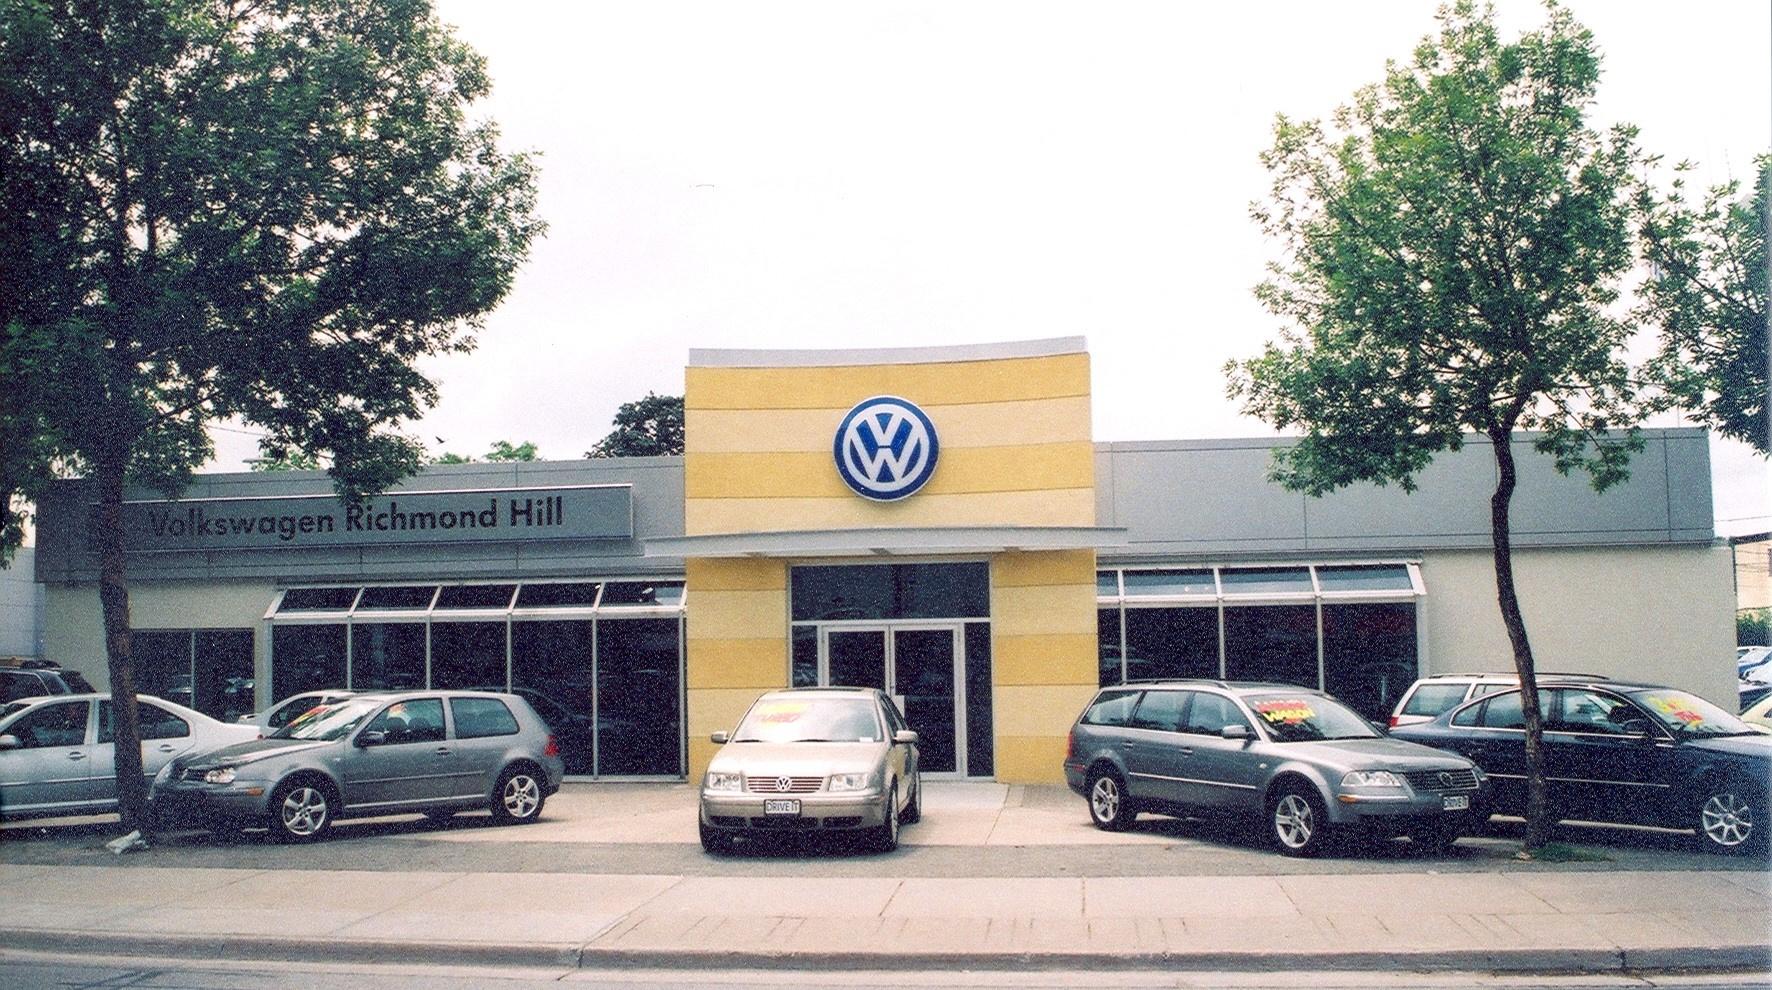 https://0901.nccdn.net/4_2/000/000/076/de9/car-dealership-pic-1772x990.jpg